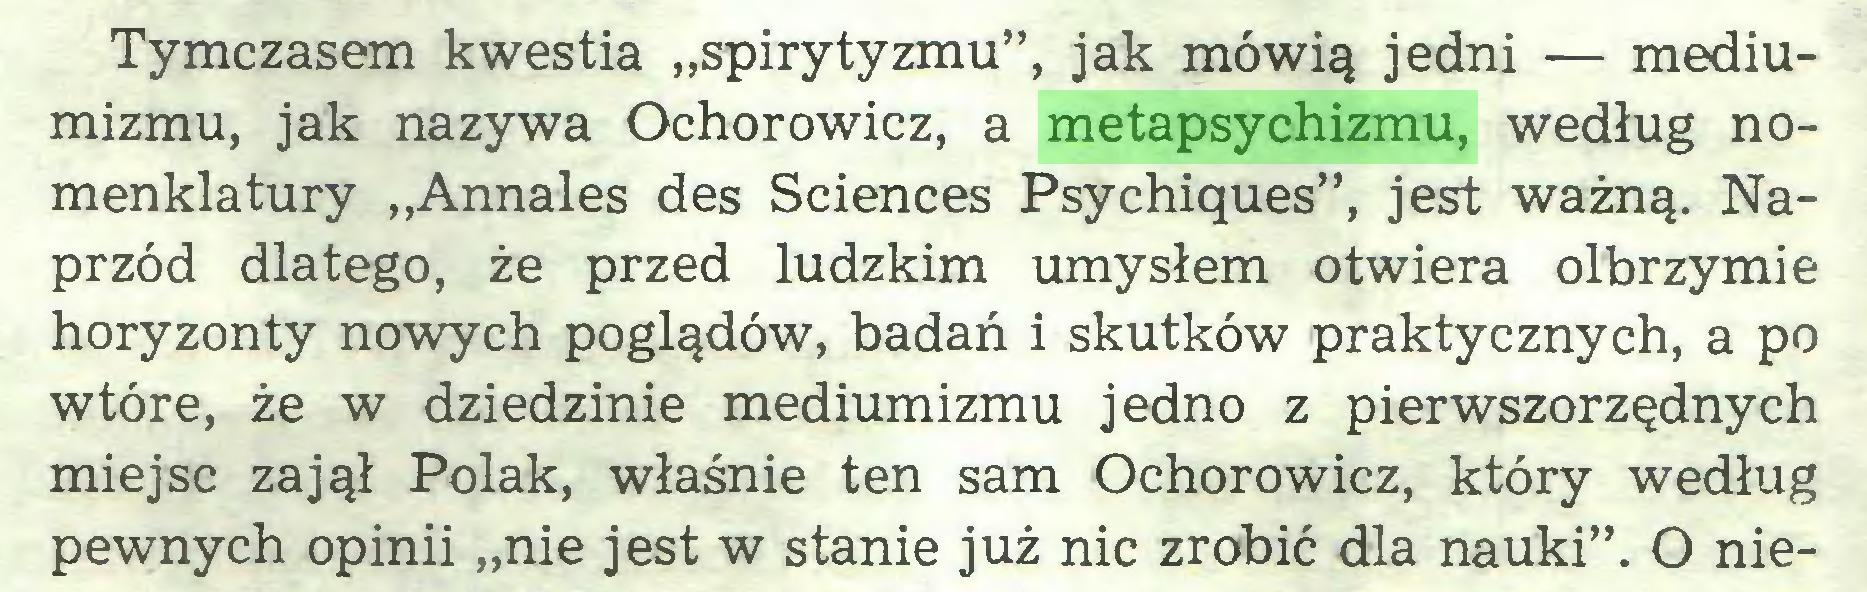 """(...) Tymczasem kwestia """"spirytyzmu"""", jak mówią jedni — mediumizmu, jak nazywa Ochorowicz, a metapsychizmu, według nomenklatury """"Annales des Sciences Psychiques"""", jest ważną. Naprzód dlatego, że przed ludzkim umysłem otwiera olbrzymie horyzonty nowych poglądów, badań i skutków praktycznych, a po wtóre, że w dziedzinie mediumizmu jedno z pierwszorzędnych miejsc zajął Polak, właśnie ten sam Ochorowicz, który według pewnych opinii """"nie jest w stanie już nic zrobić dla nauki"""". O nie..."""